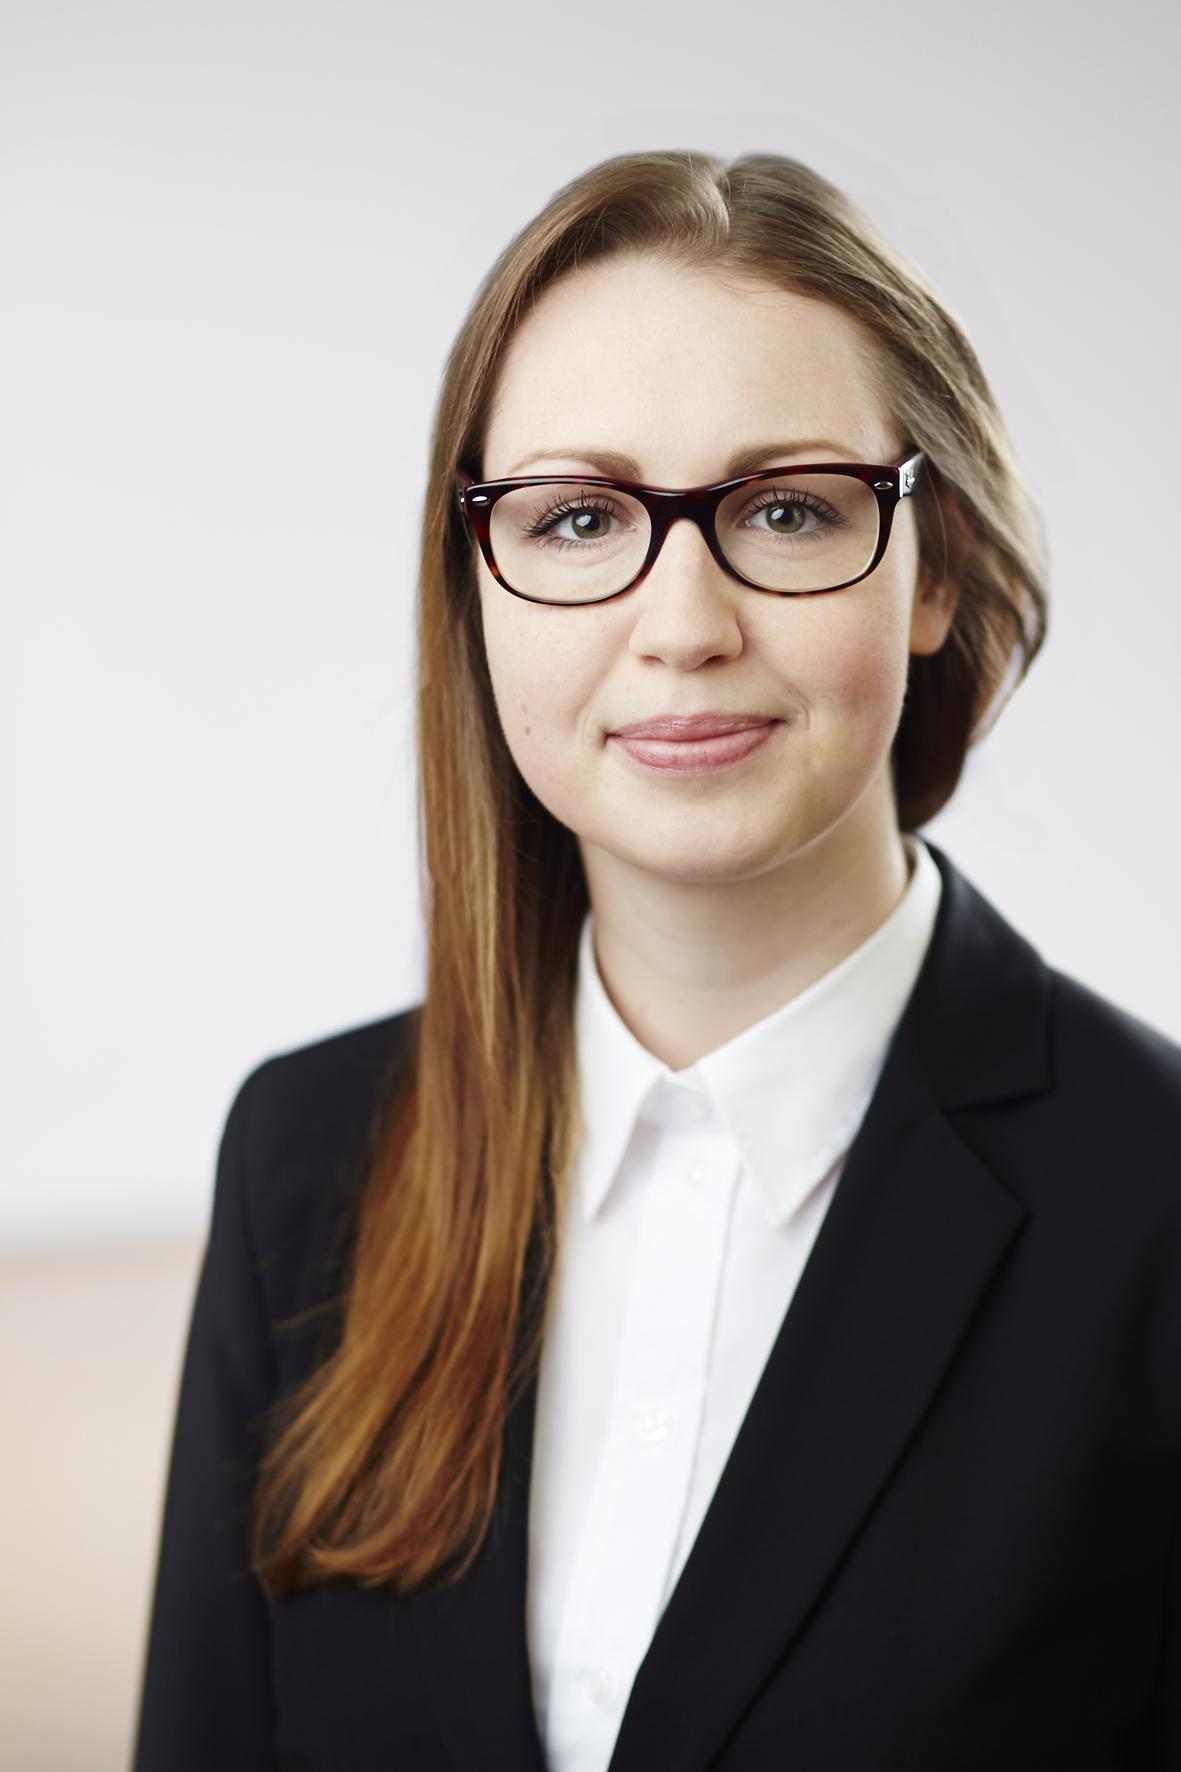 Julia Vahldieck